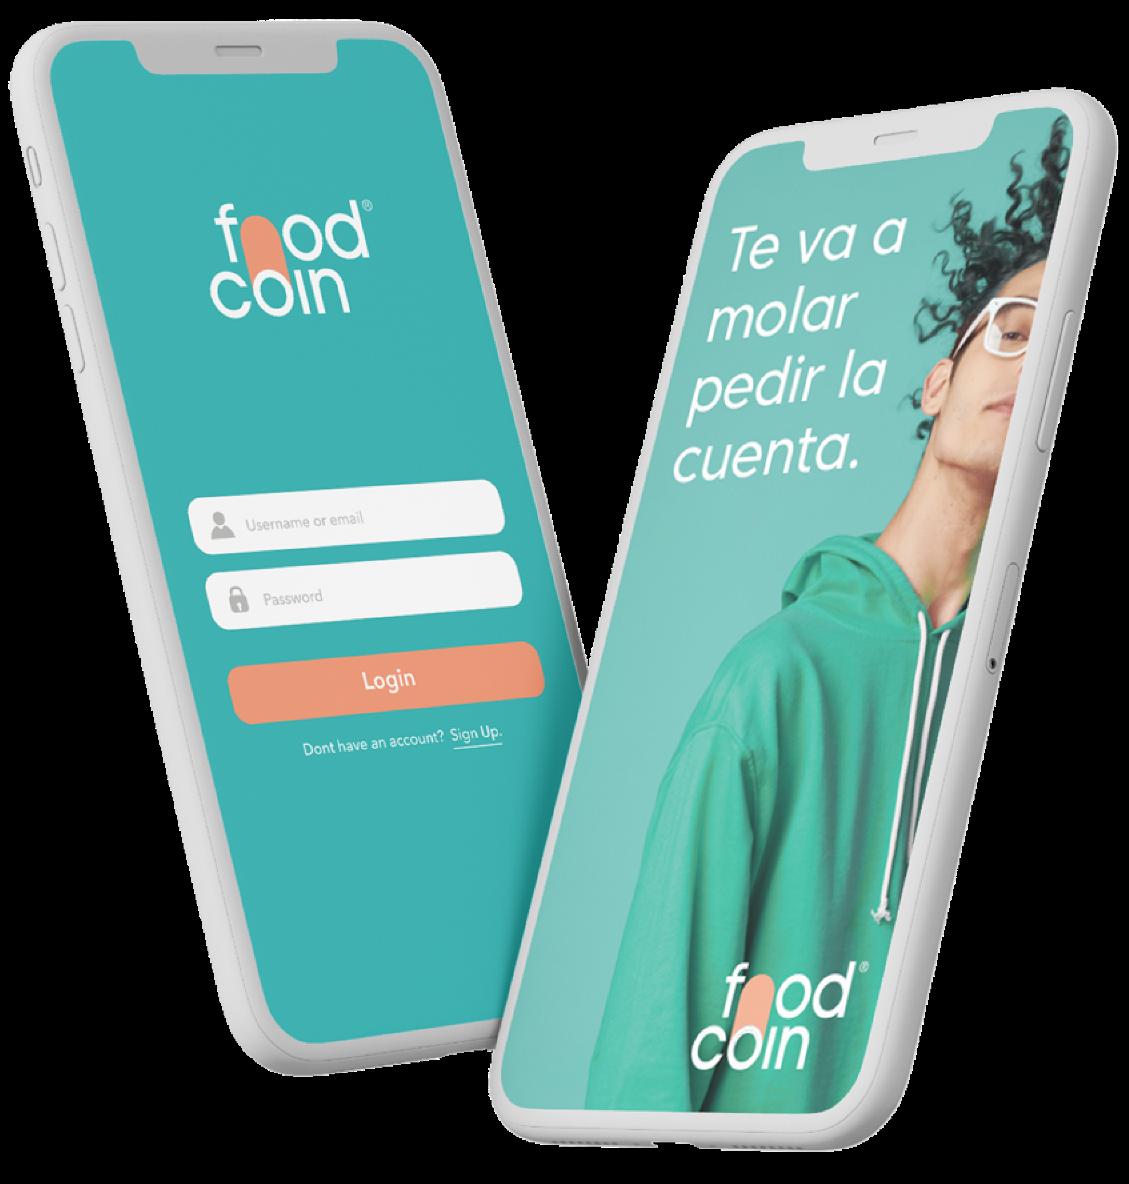 mockup de smartphones con la app de Foodcoin abierta